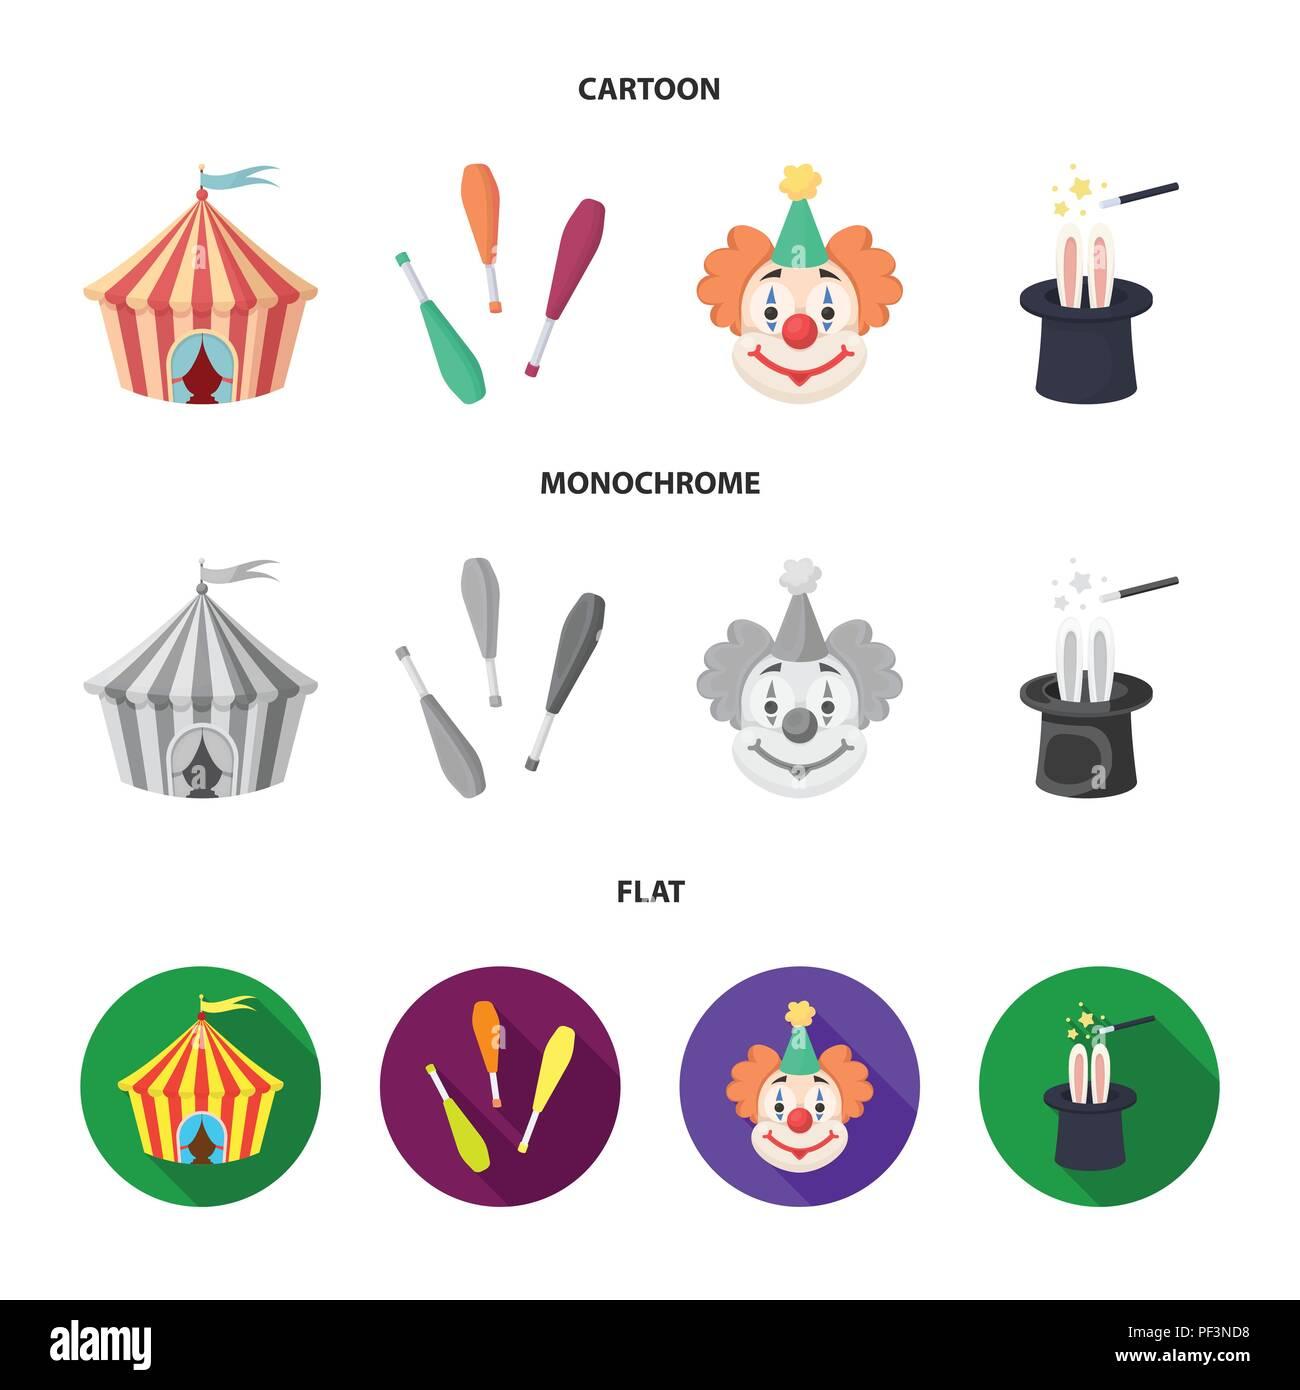 Zirkuszelt Jongleur Streitkolben Clown Zauberer Hut Circus